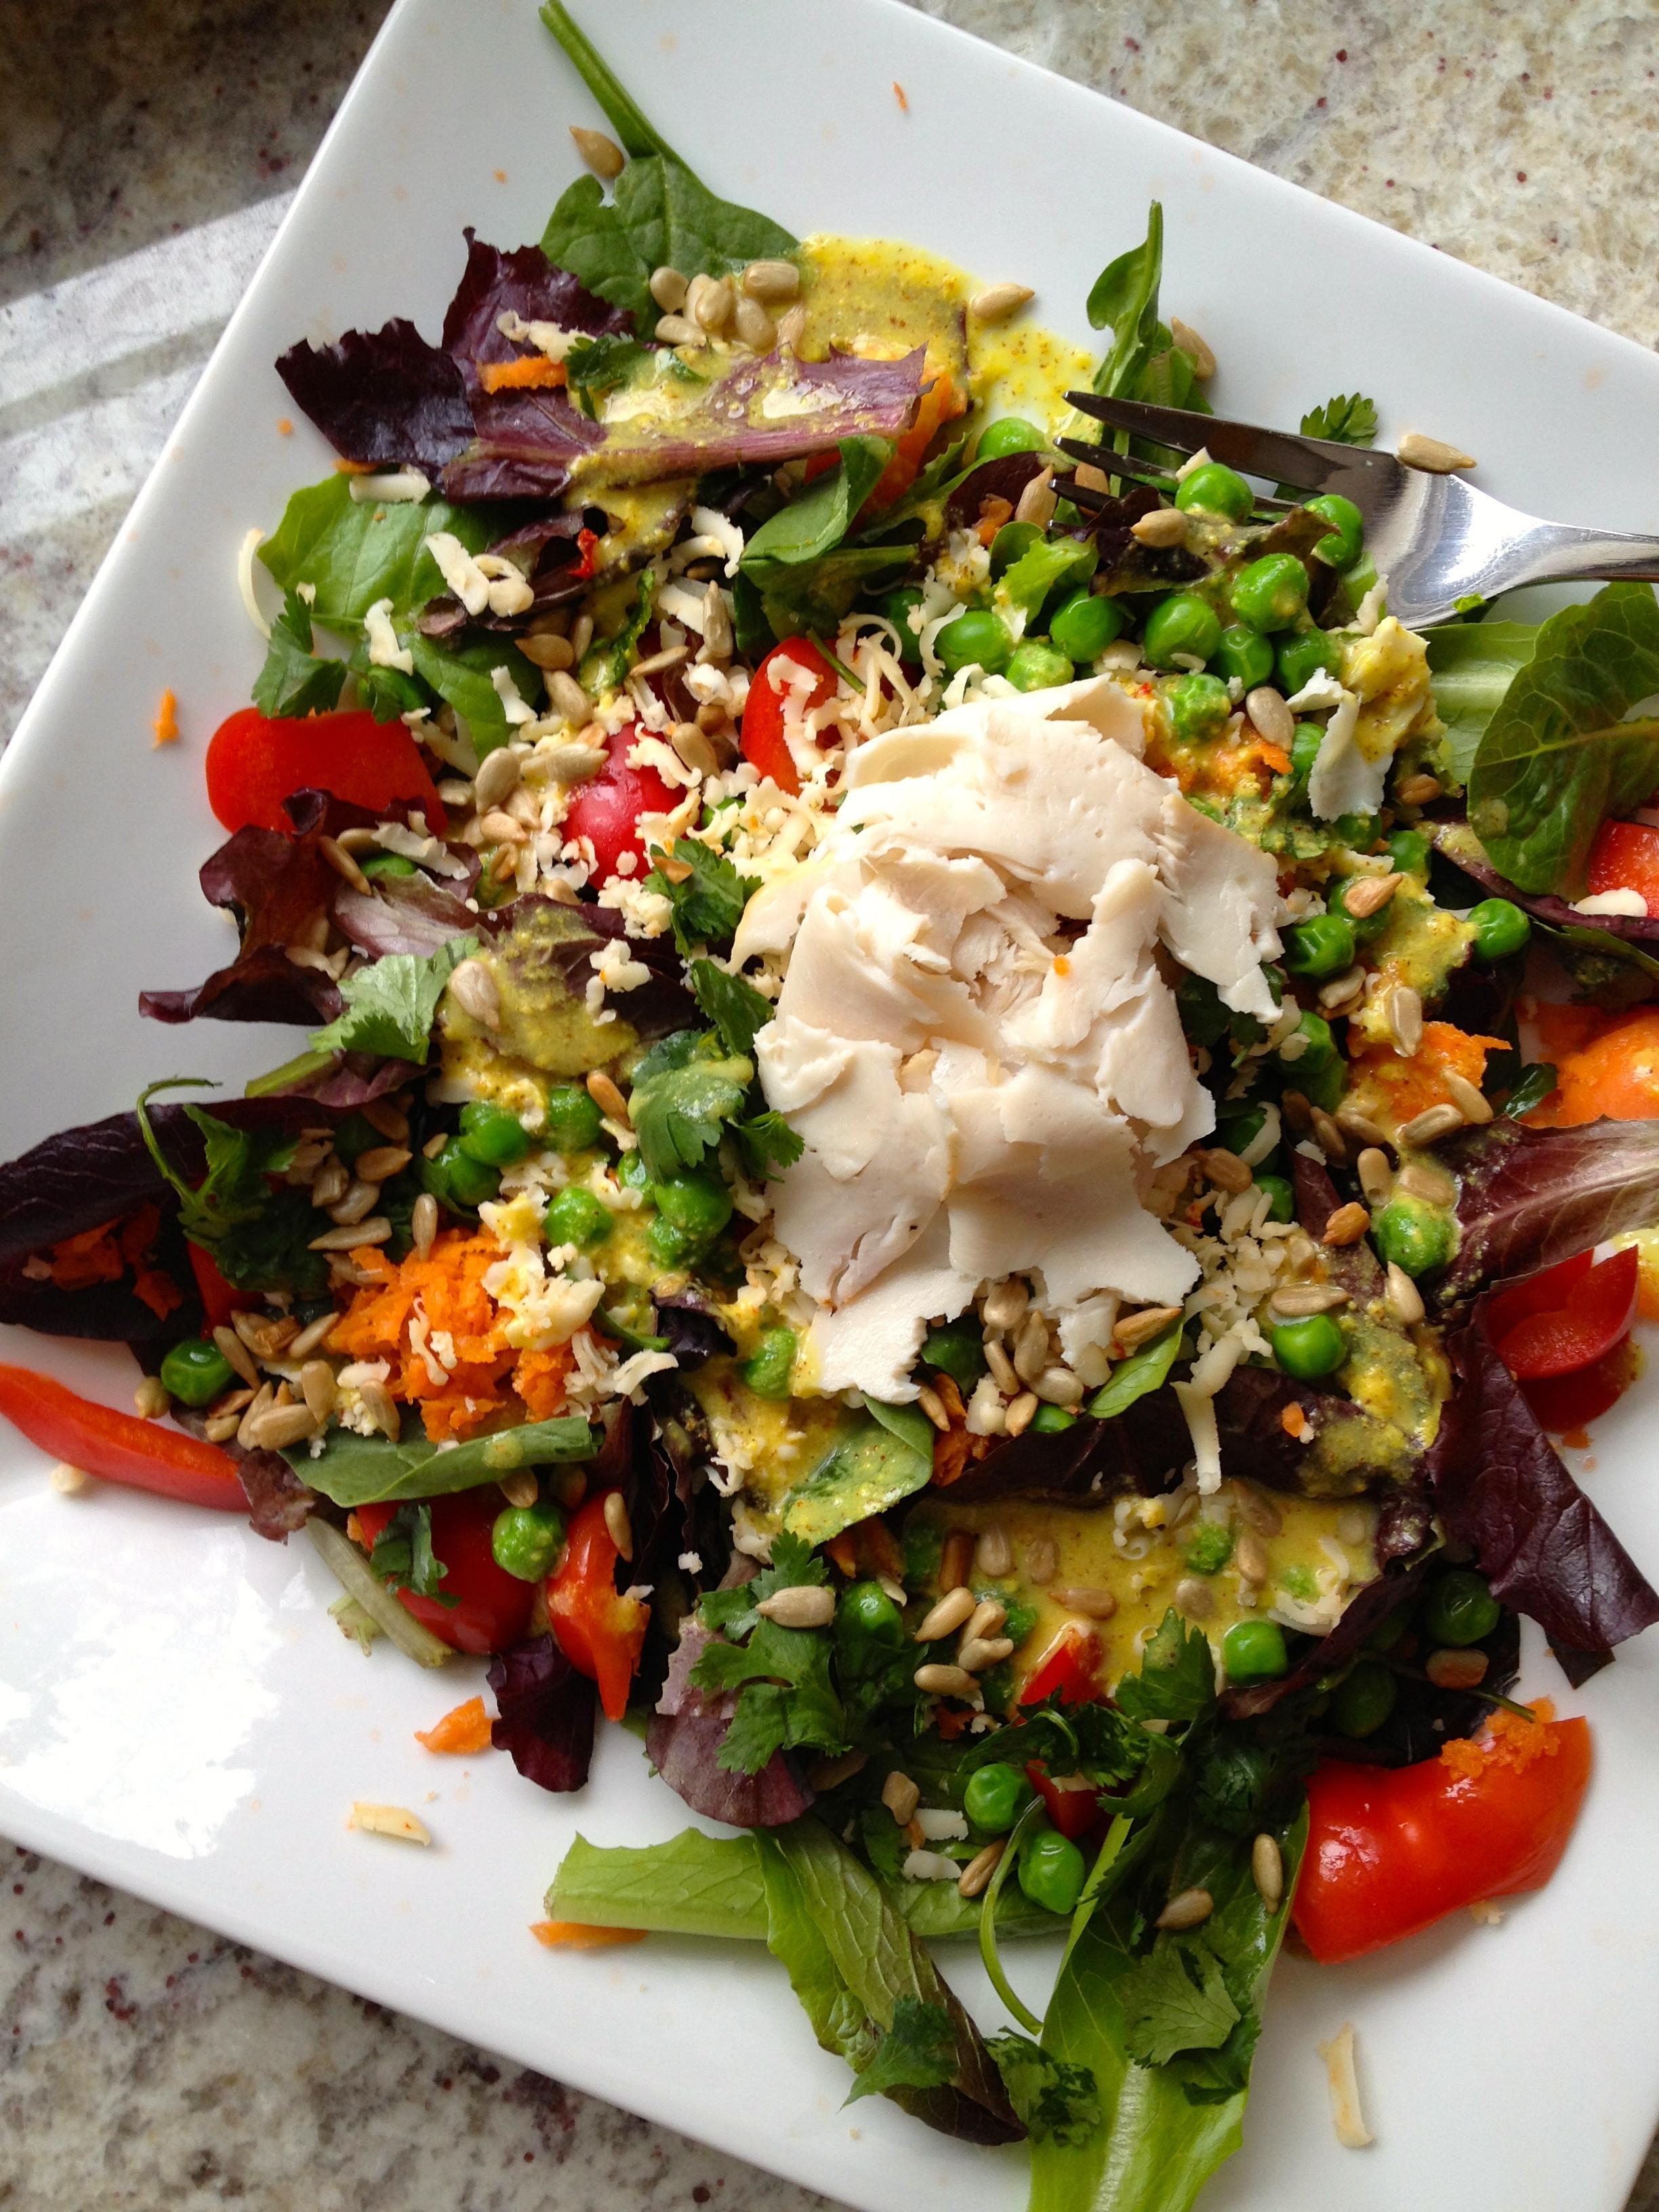 Healthy Homemade Salads  homemade salad recipes